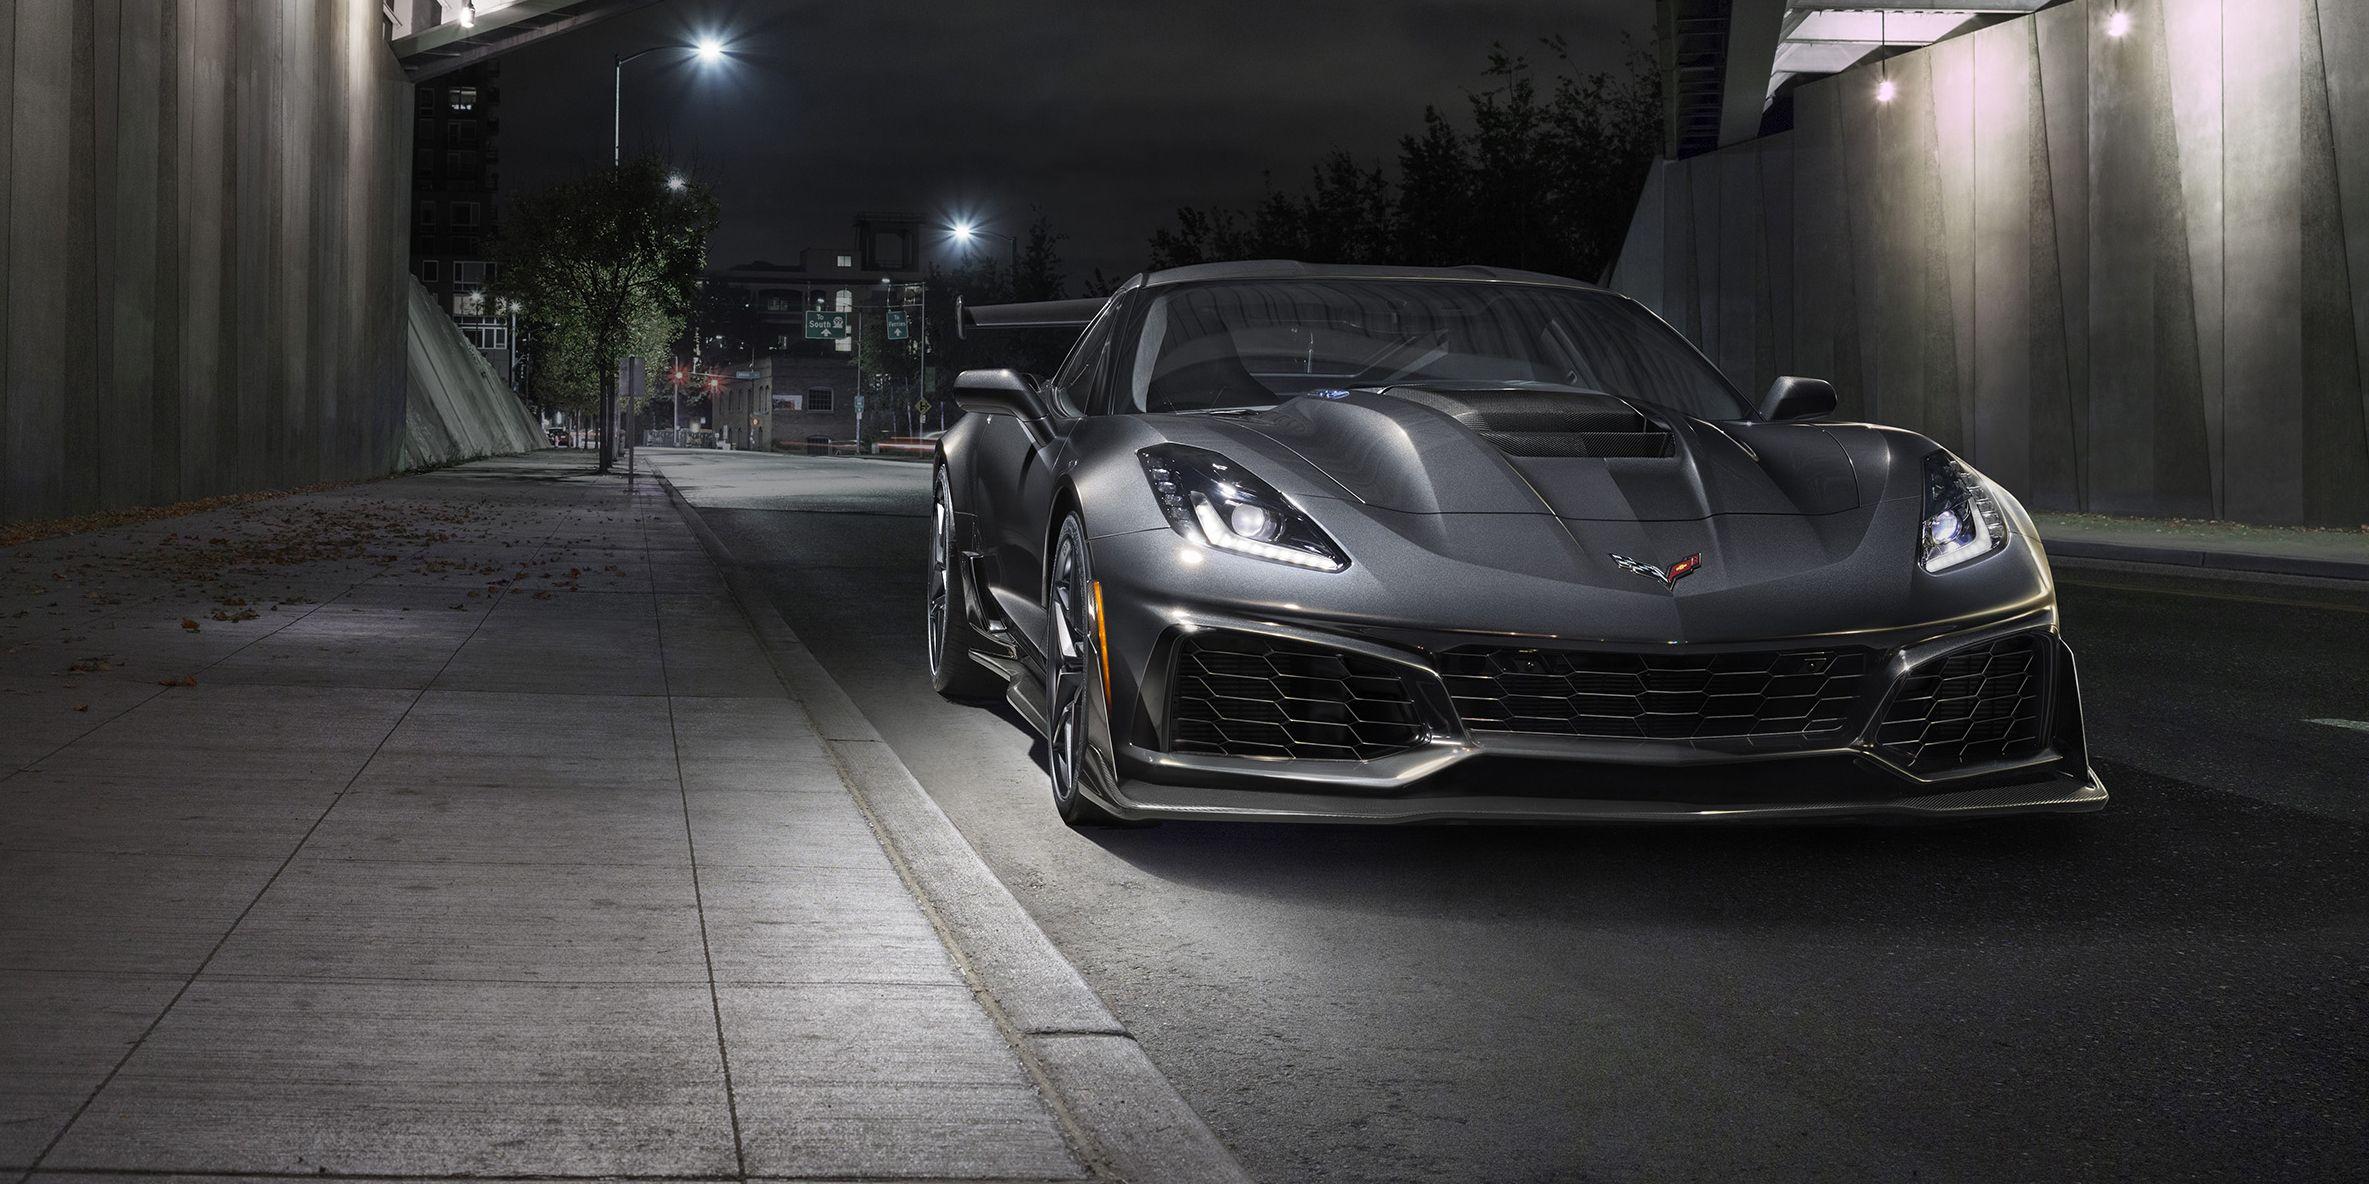 2019 Chevrolet Corvette Zr1 Release Date Specs Photos Details